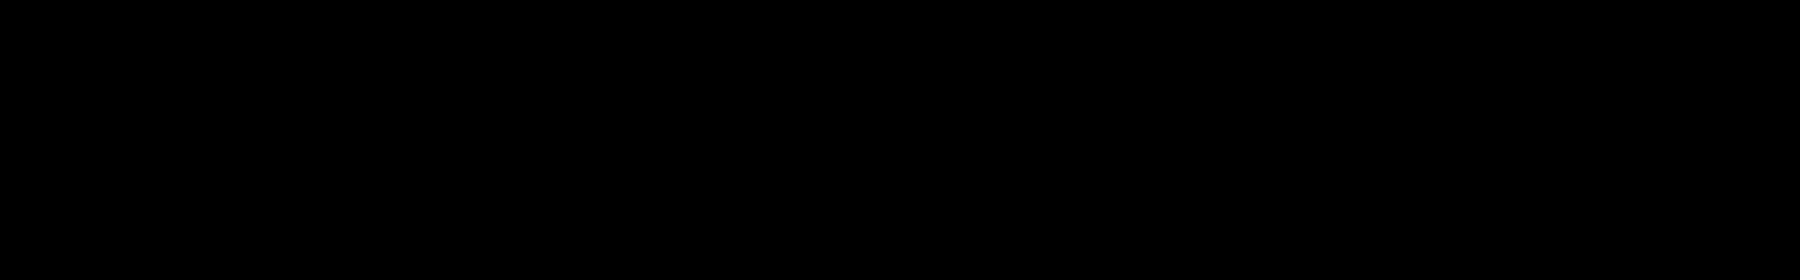 GRISELDA - DARK BEEF audio waveform